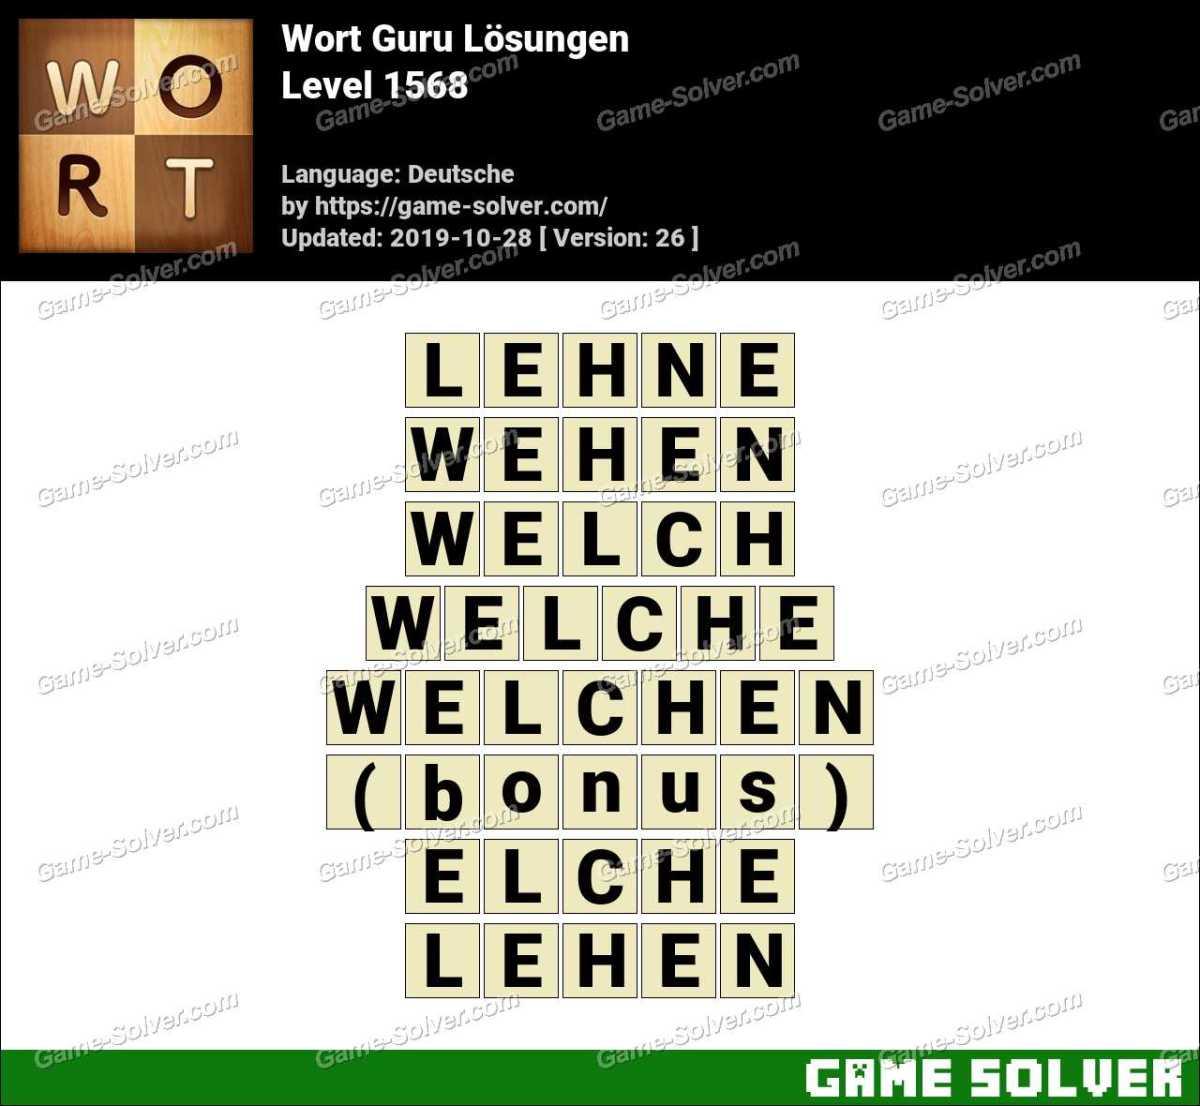 Wort Guru Level 1568 Lösungen